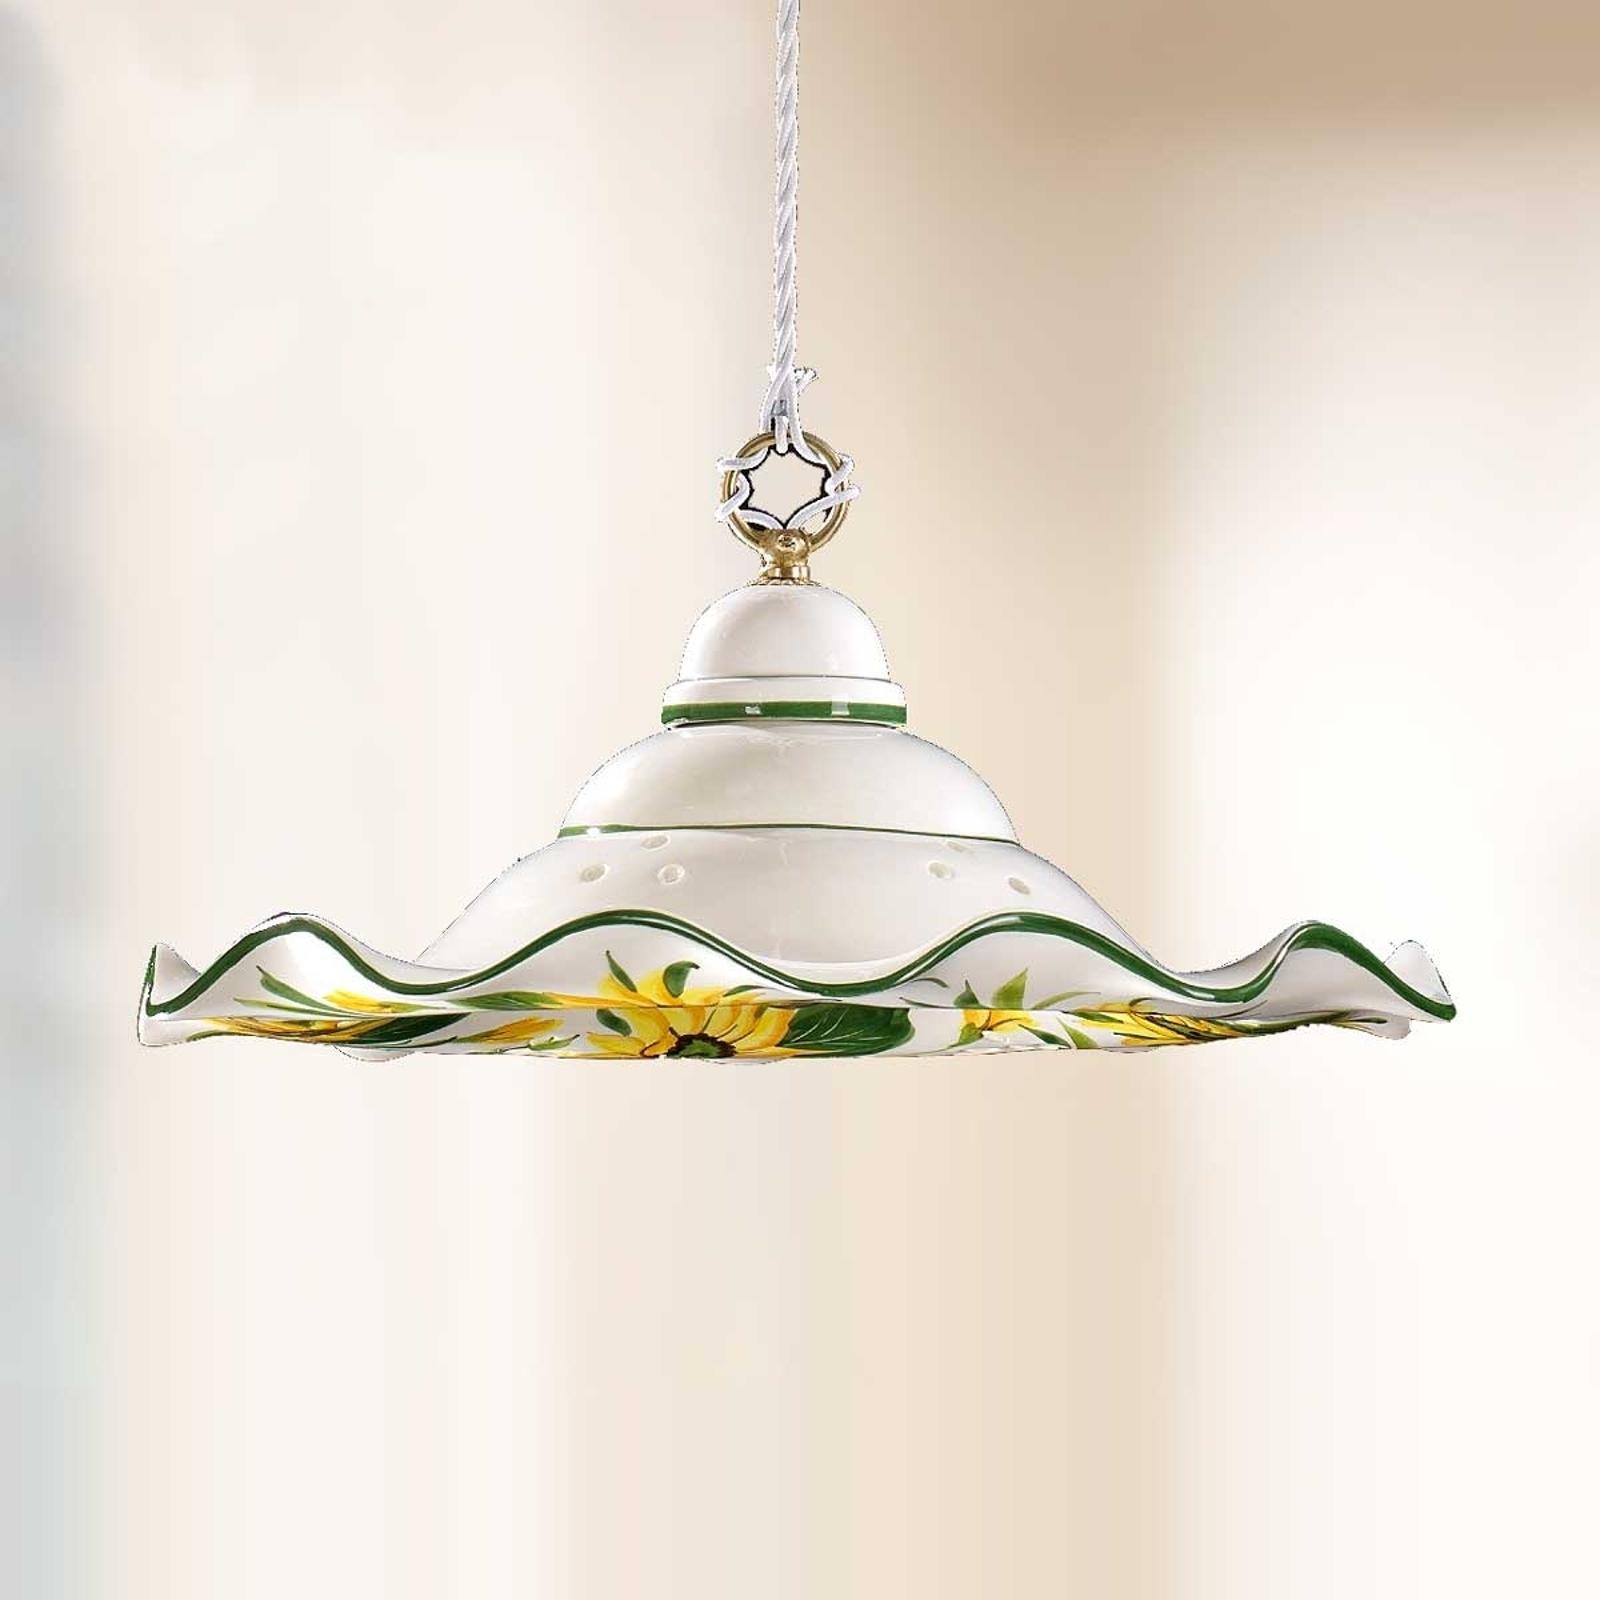 Lampa wisząca GIRASOLA w stylu dworkowym 41cm